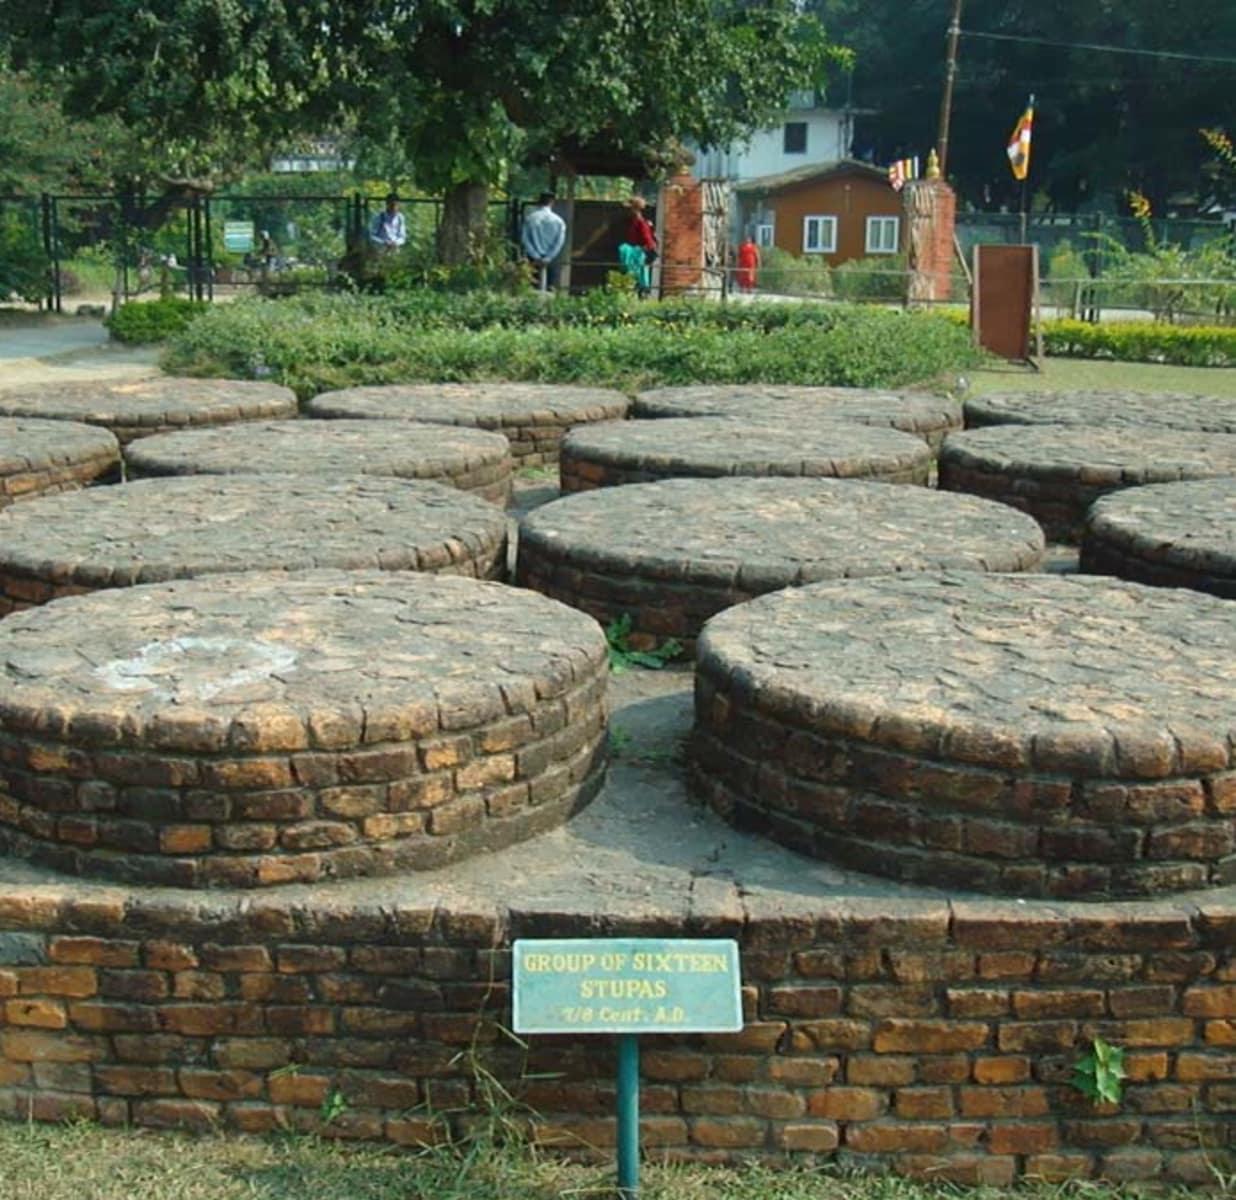 Katmandou (népalais : काठमाडौं (kāṭhamāḍauṁ), काठमान्डु (kāṭhamānḍu).